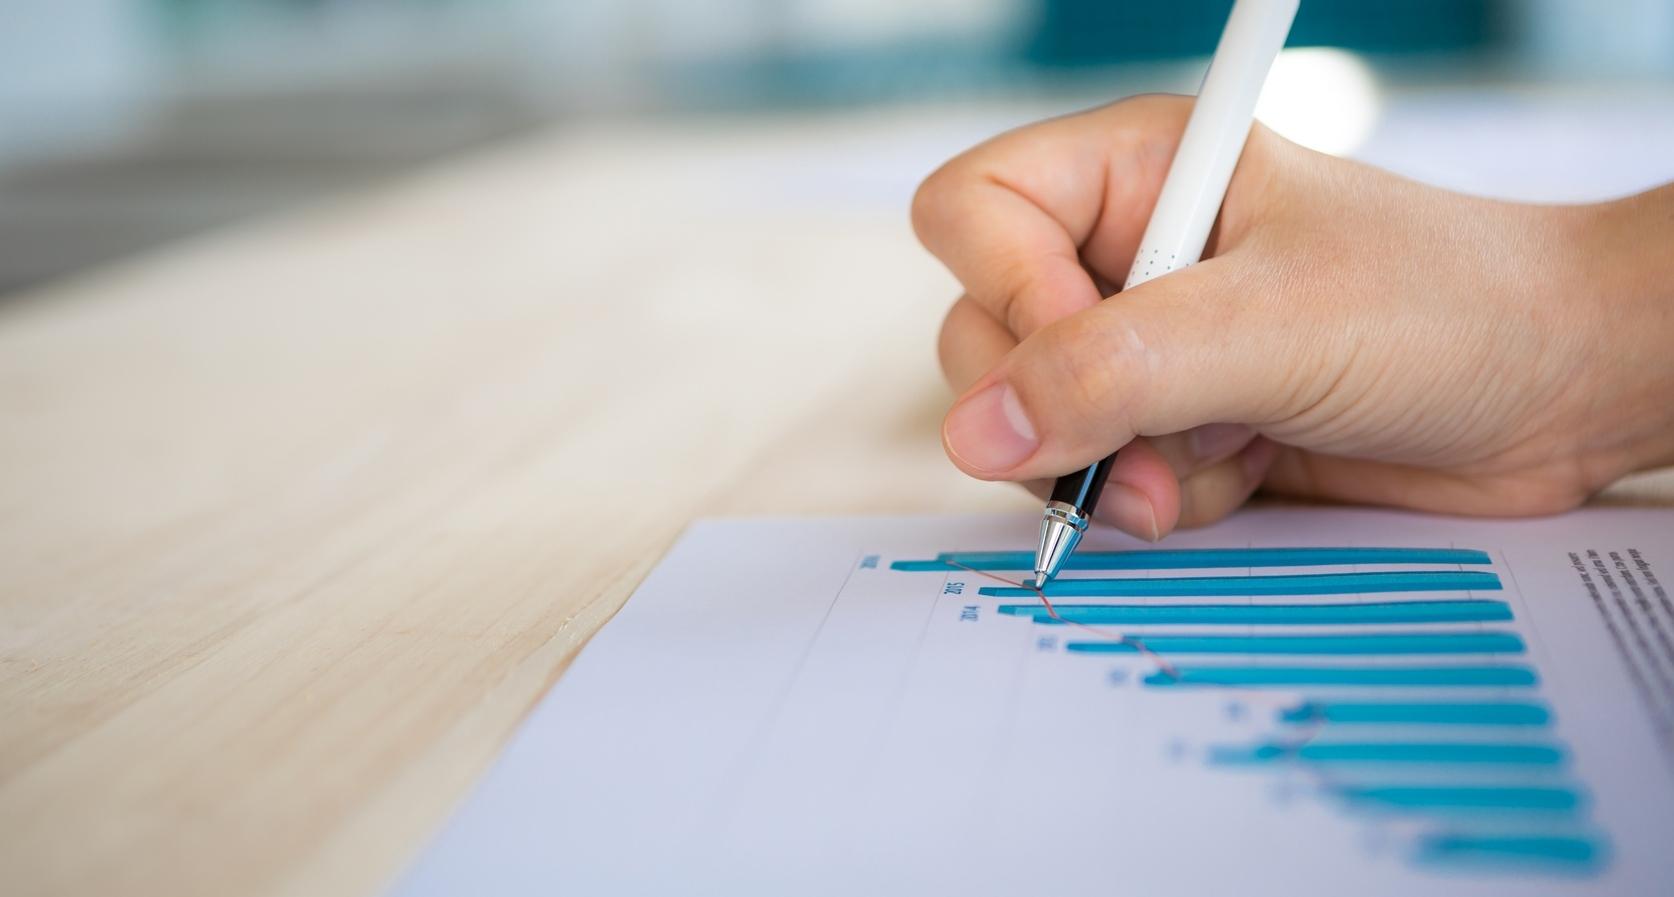 Заказать отчёт по производственной учебной преддипломной практике Заказать отчет по практике